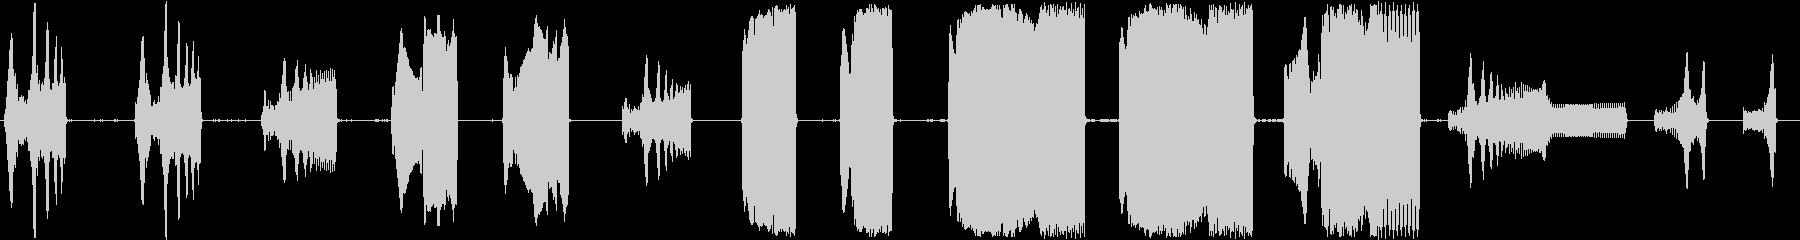 トーンベーススウェルレゾナンスの未再生の波形